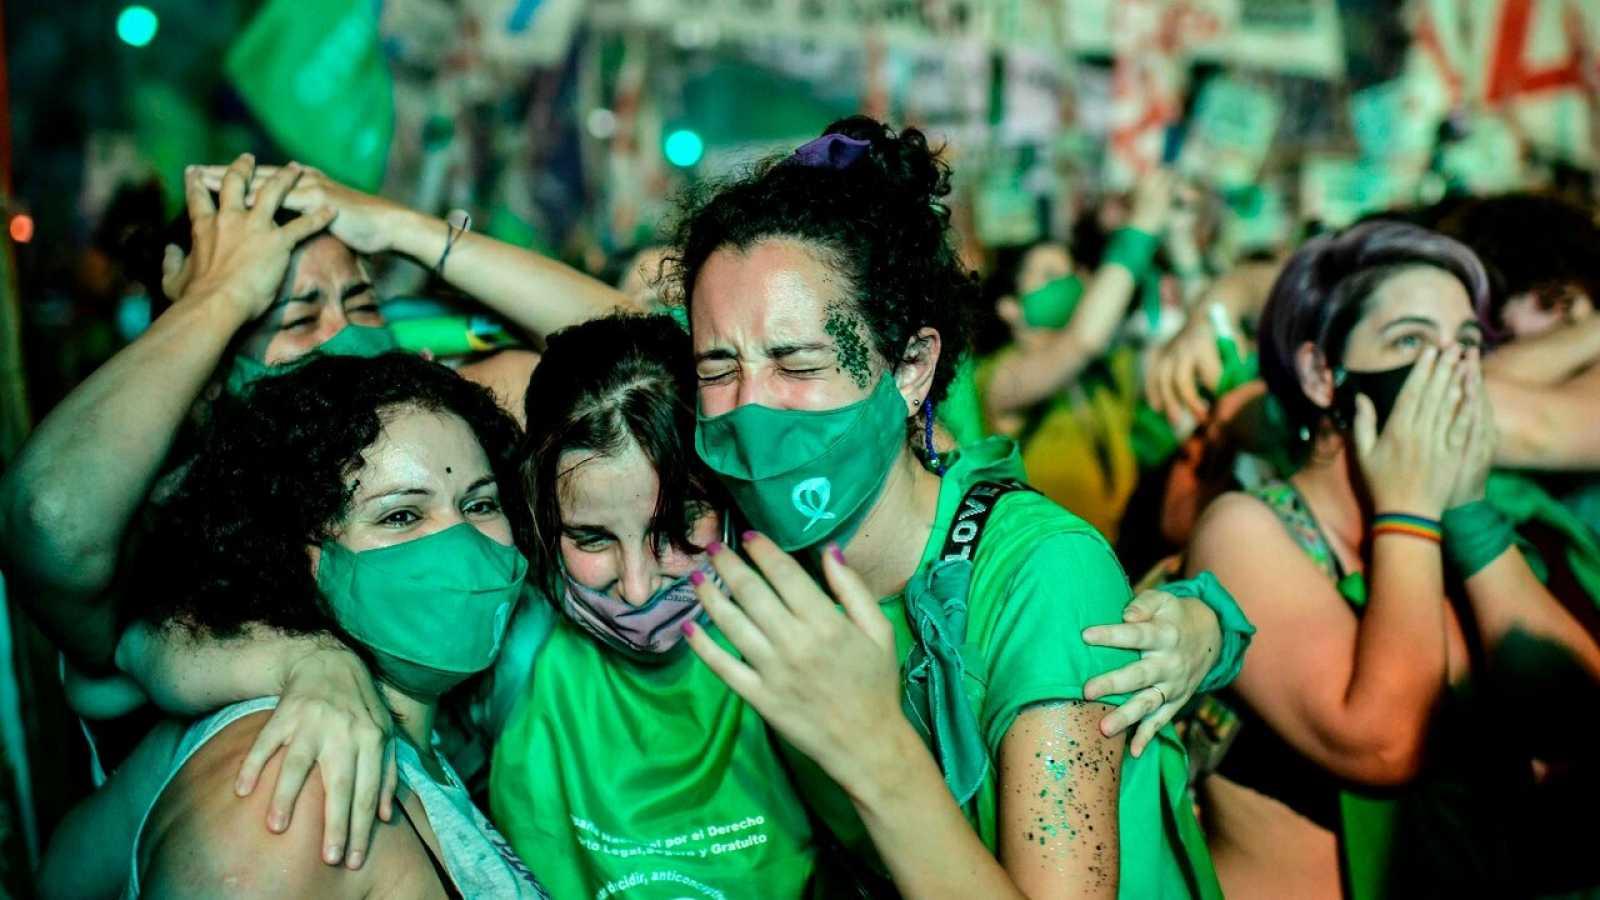 Aborto legale, sicuro e gratuito: traguardo storico per l'Argentina